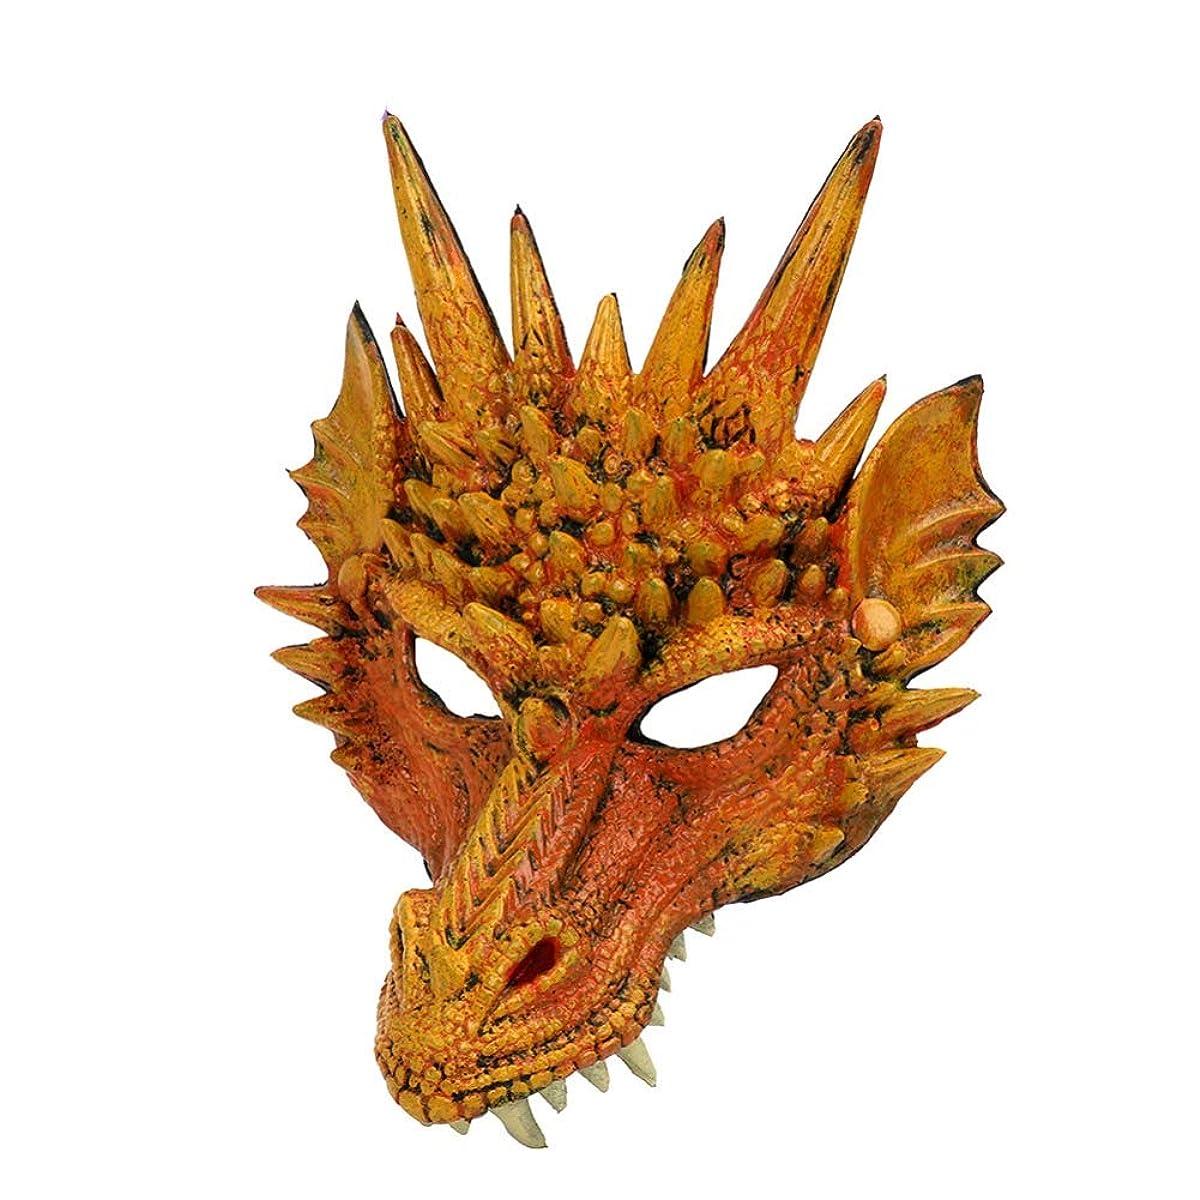 トレーニングラッドヤードキップリングスタイルEsolom 4Dドラゴンマスク ハーフマスク 10代の子供のためのハロウィンコスチューム パーティーの装飾 テーマパーティー用品 ドラゴンコスプレ小道具